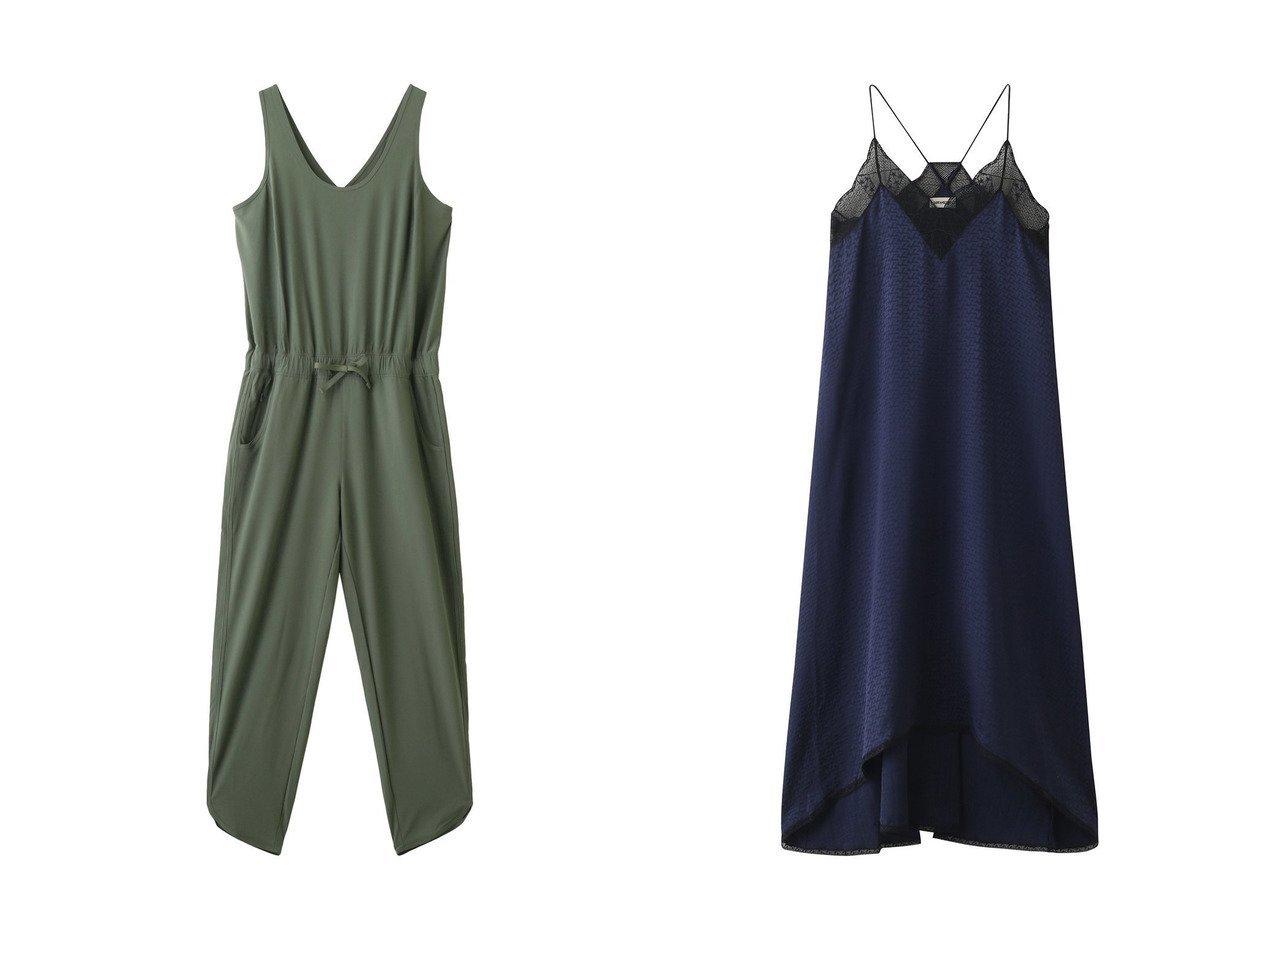 【ZADIG & VOLTAIRE/ザディグ エ ヴォルテール】のRISTY JAC ZV 3D ROBE ワンピース&【Patagonia/パタゴニア】のW s フリートウィズロンパース 【ワンピース・ドレス】おすすめ!人気、トレンド・レディースファッションの通販 おすすめで人気の流行・トレンド、ファッションの通販商品 メンズファッション・キッズファッション・インテリア・家具・レディースファッション・服の通販 founy(ファニー) https://founy.com/ ファッション Fashion レディースファッション WOMEN ワンピース Dress 2021年 2021 2021春夏・S/S SS/Spring/Summer/2021 S/S・春夏 SS・Spring/Summer お家時間・ステイホーム Home Time/Stay Home スタイリッシュ スポーツ ロンパース 春 Spring |ID:crp329100000026683